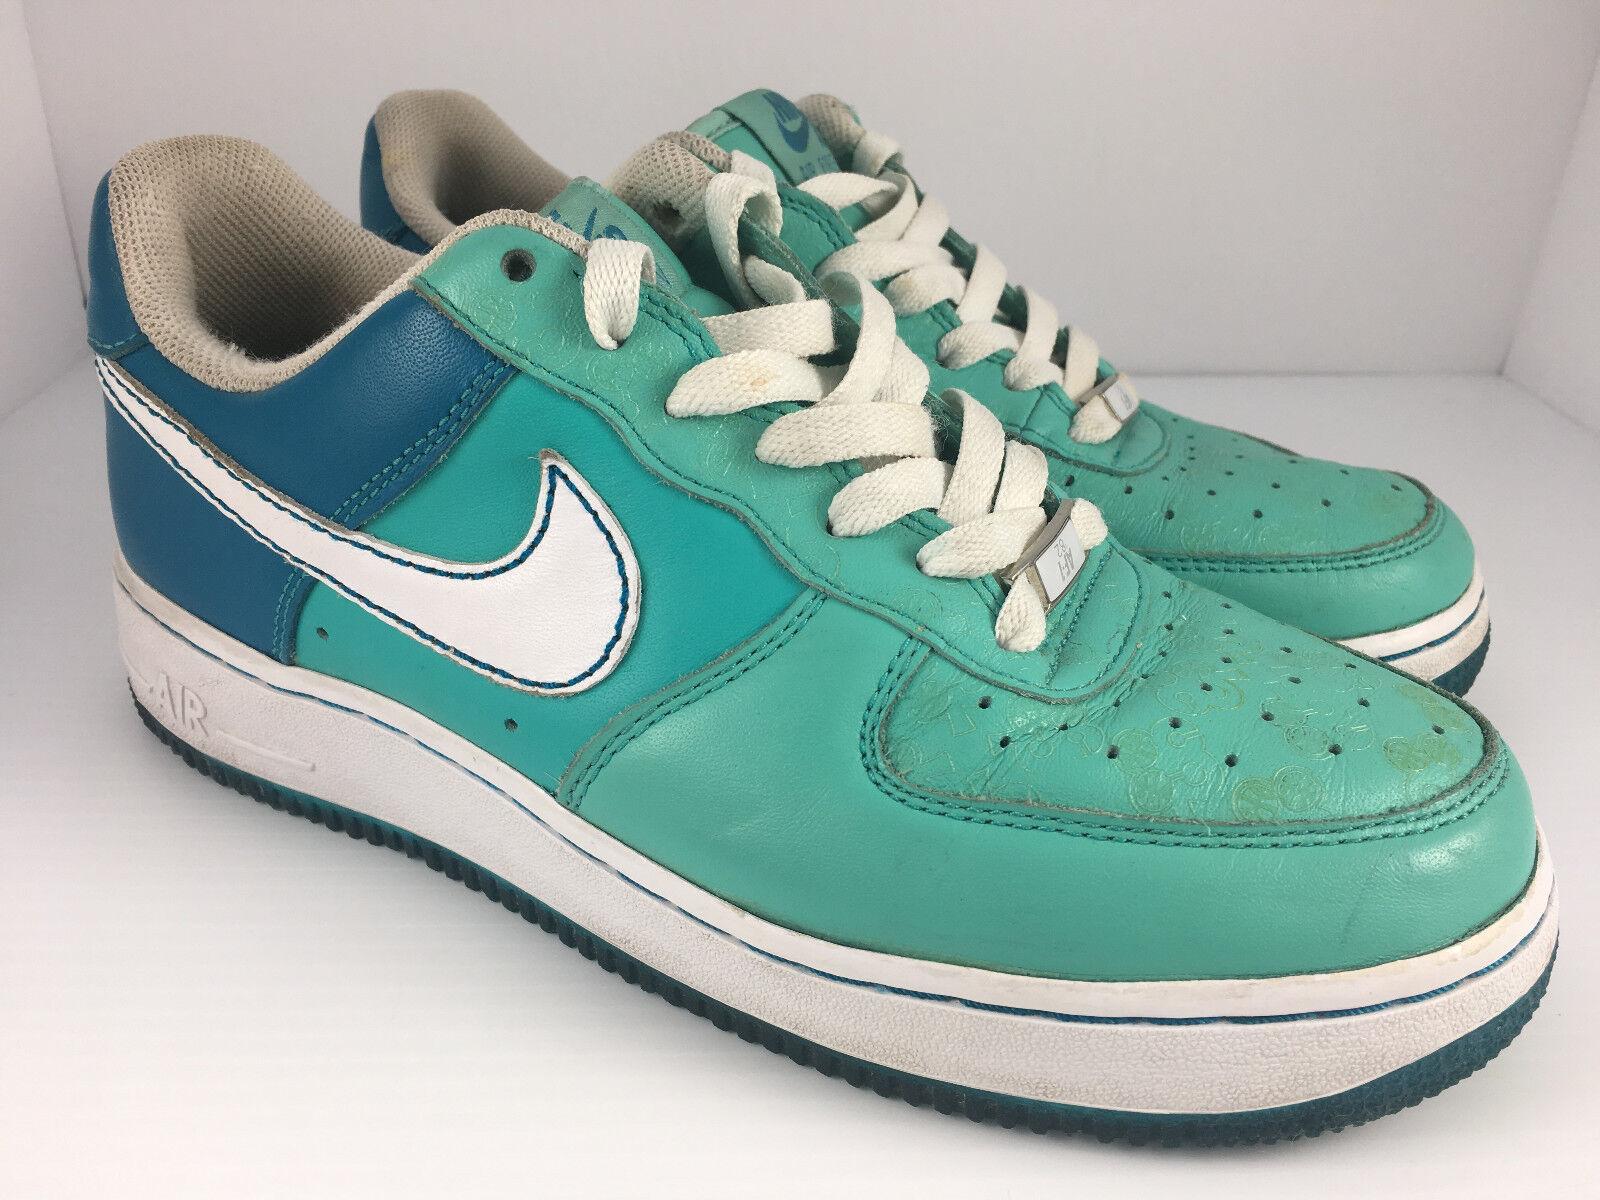 Nike Air Force XXV 25 Men US 8.5 Azure + Teal Cloverdale Park Shoes 315115-